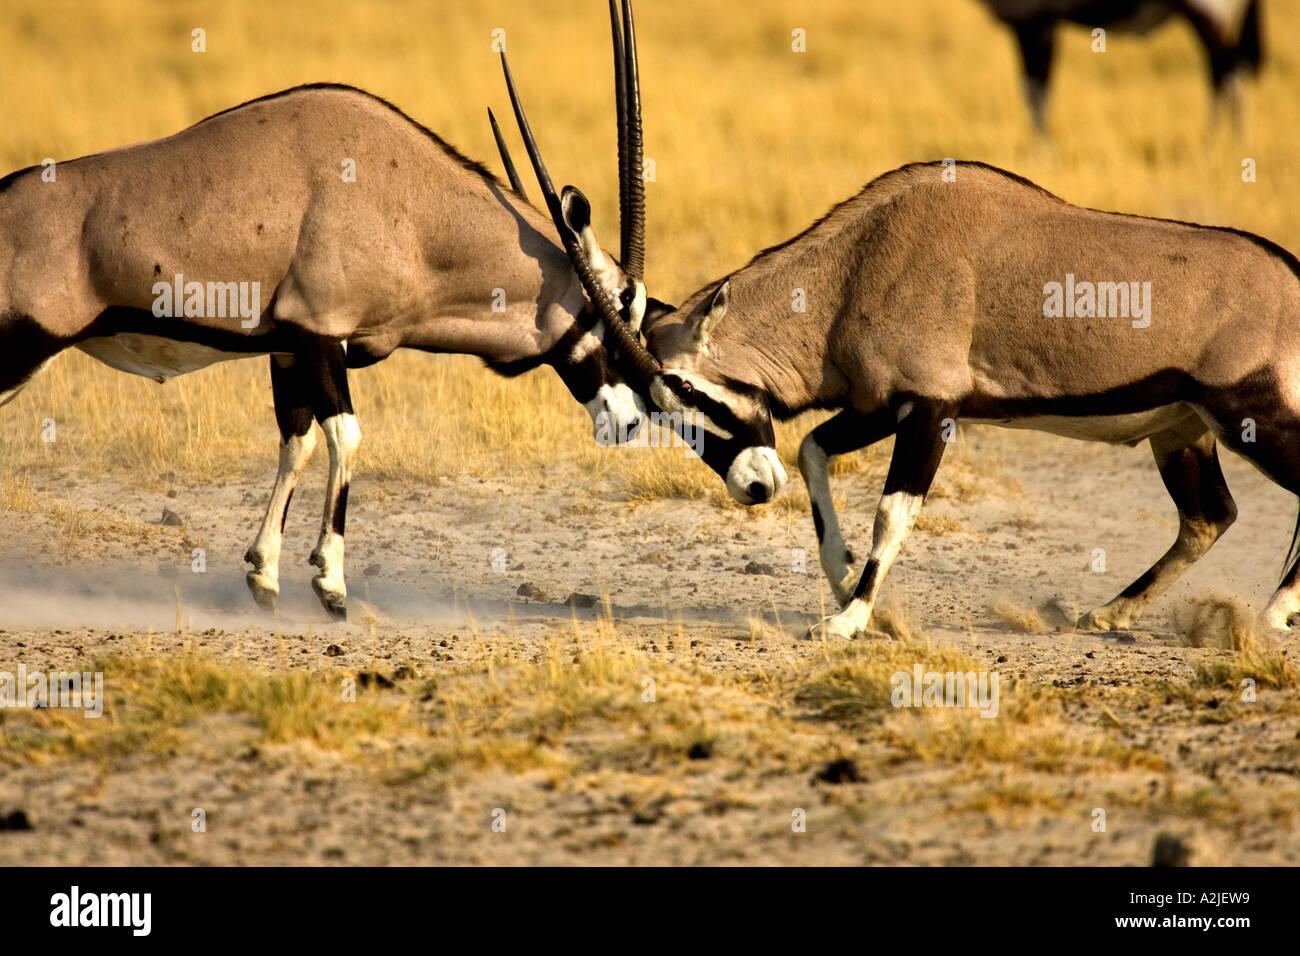 Namibia, Africa: Fighting Oryx/Gemsbok (Oryx Gazella) at ...